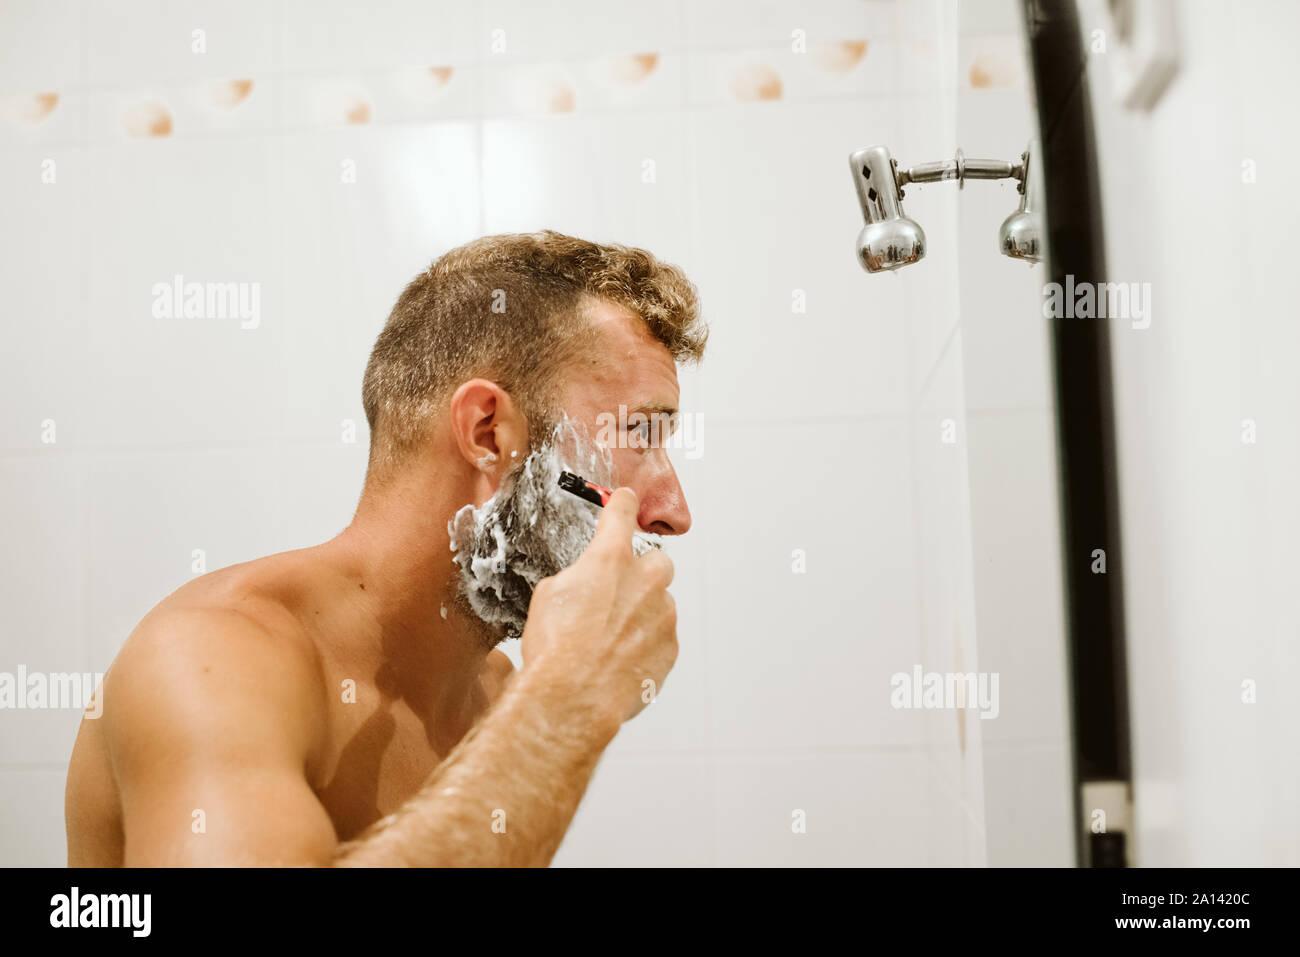 Man shaving face au miroir de salle de bains Banque D'Images